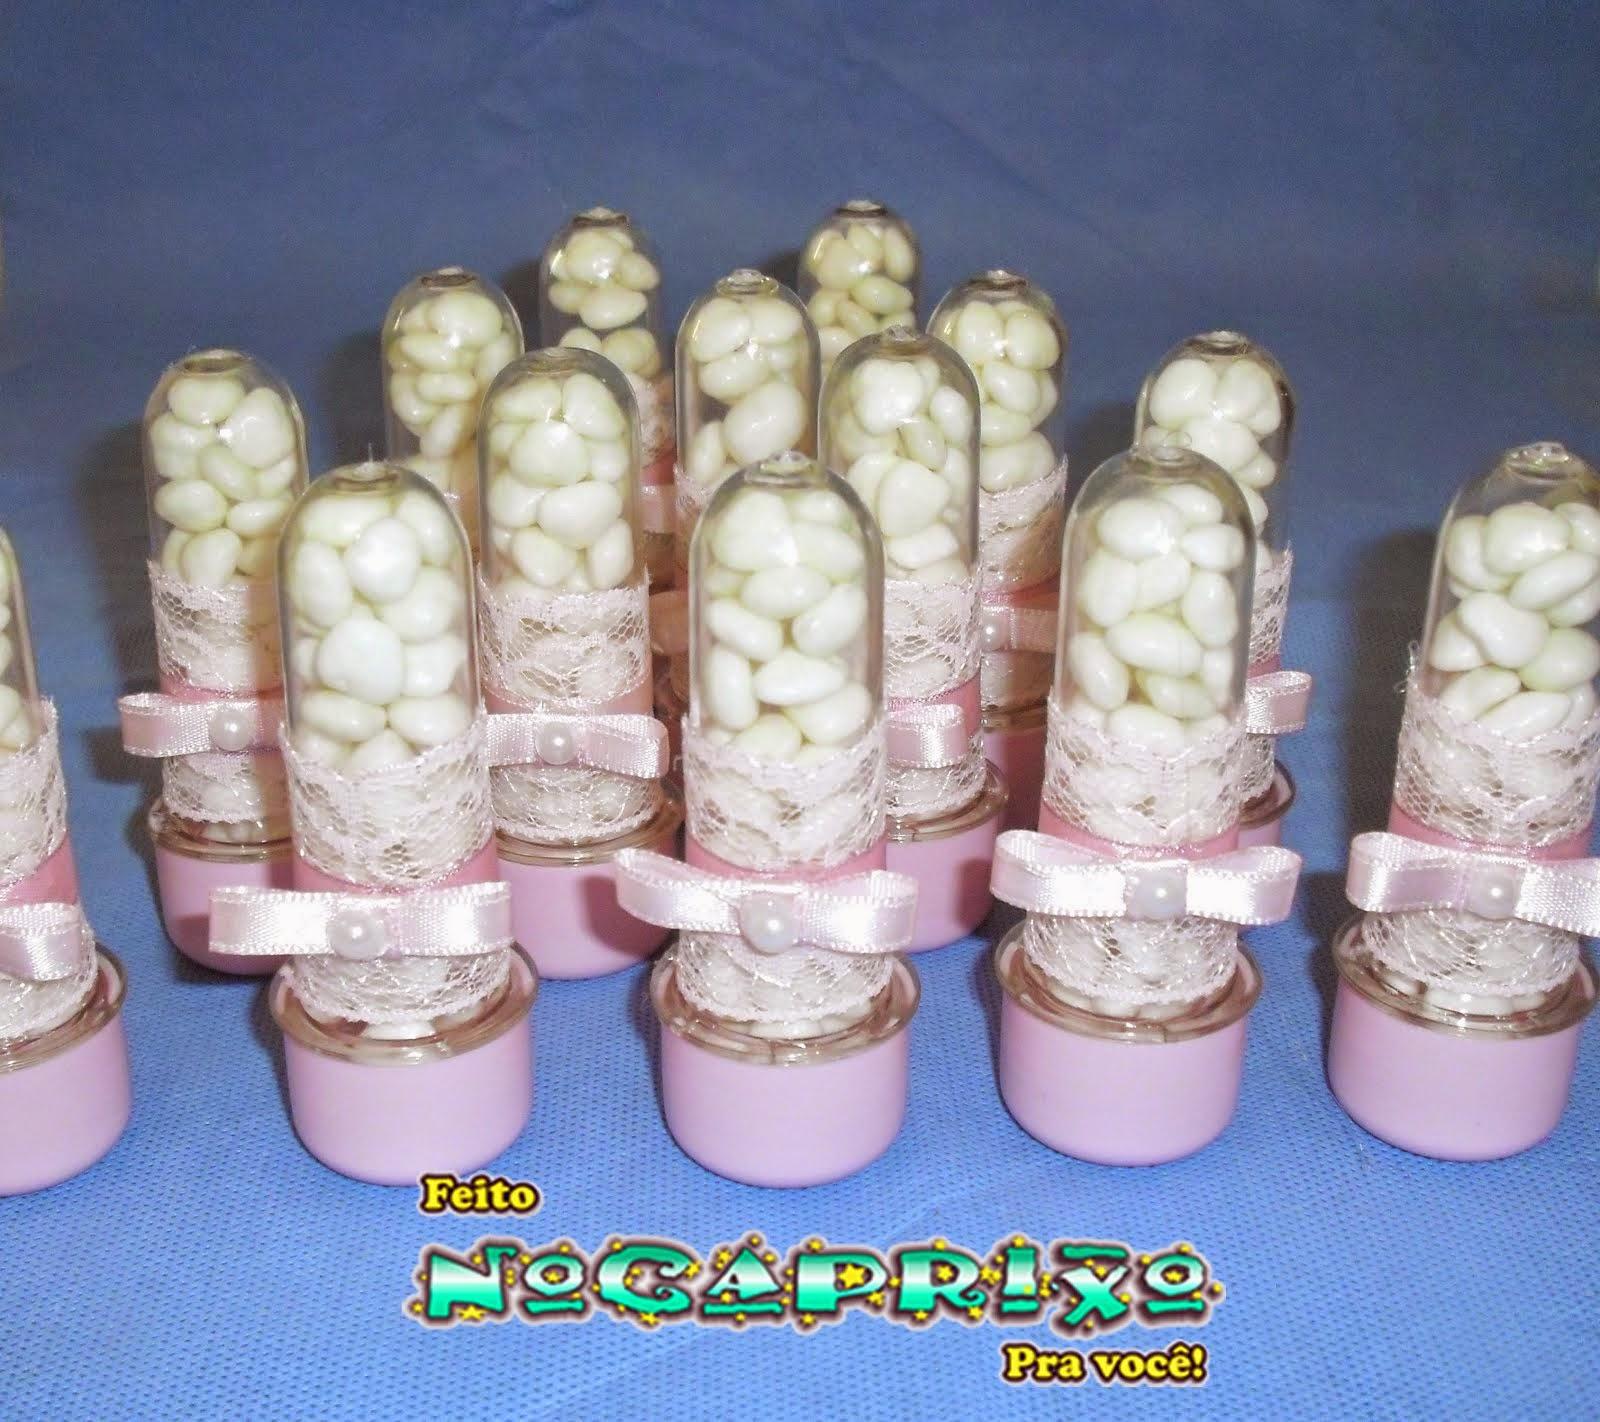 Mimos NoCaprixo - A festinha da pequena Maria Giulia ficou caprixado com mimos personalizados